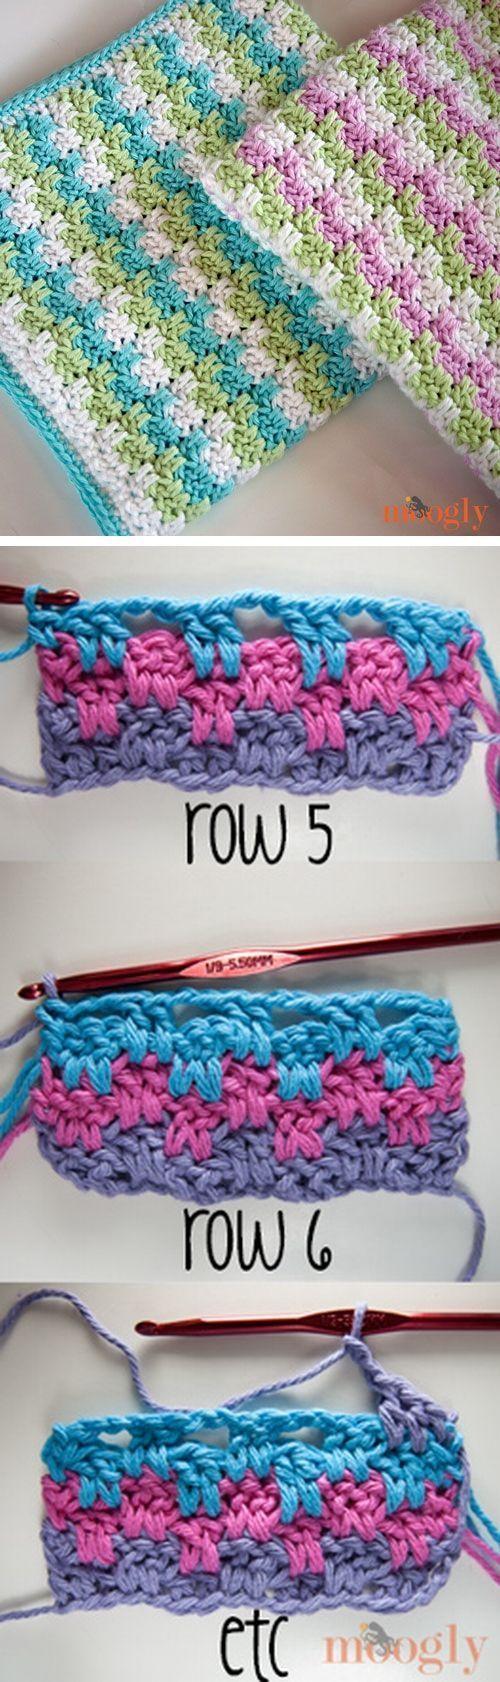 Leaping Stripes & Blocks Blanket Free Crochet Pattern.